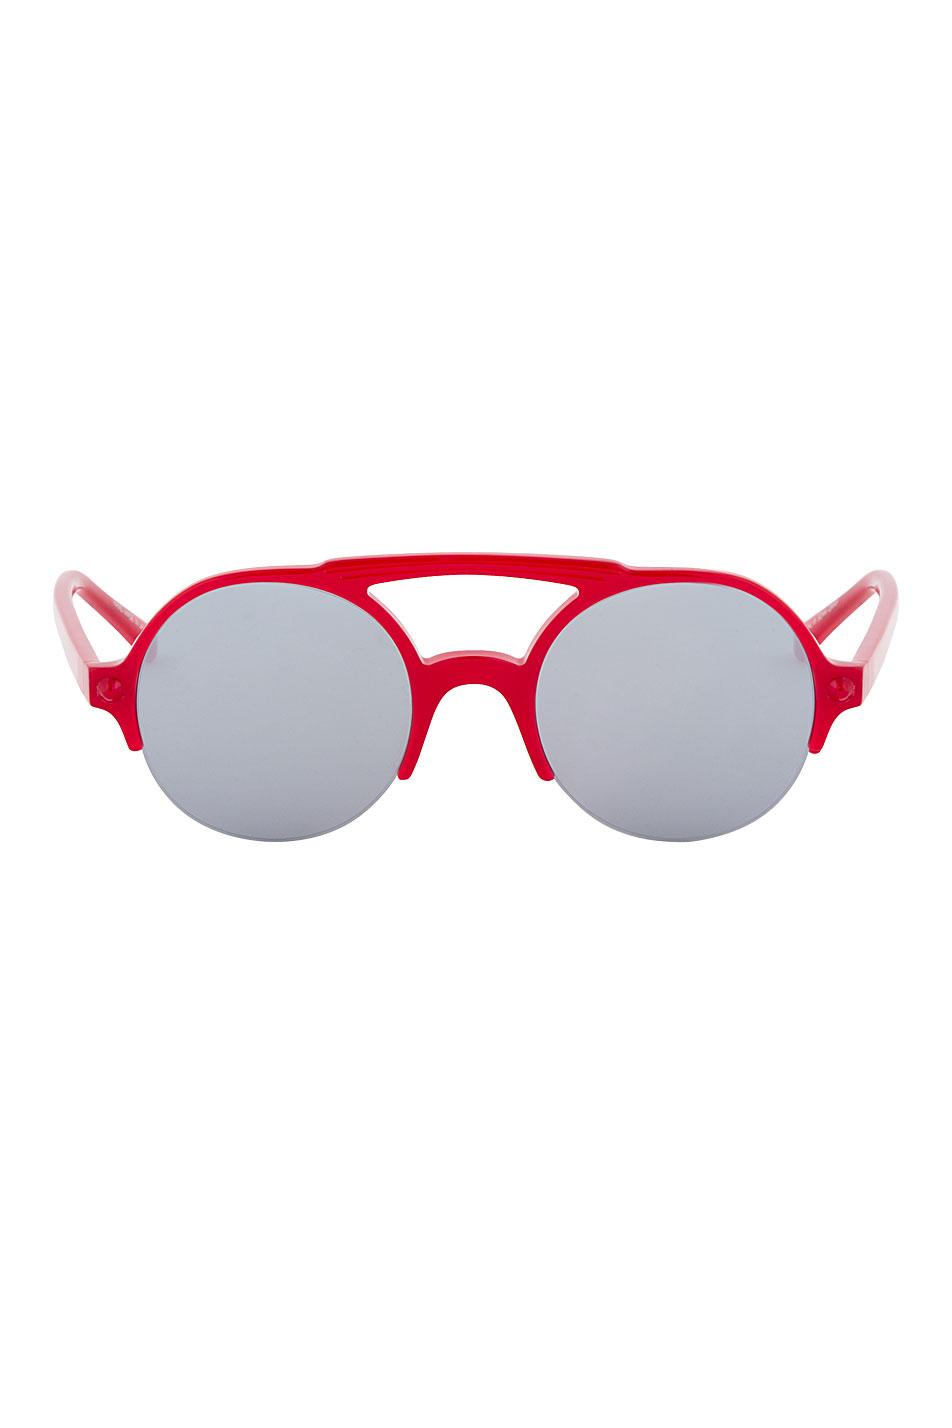 Facetasm red safari sunglasses